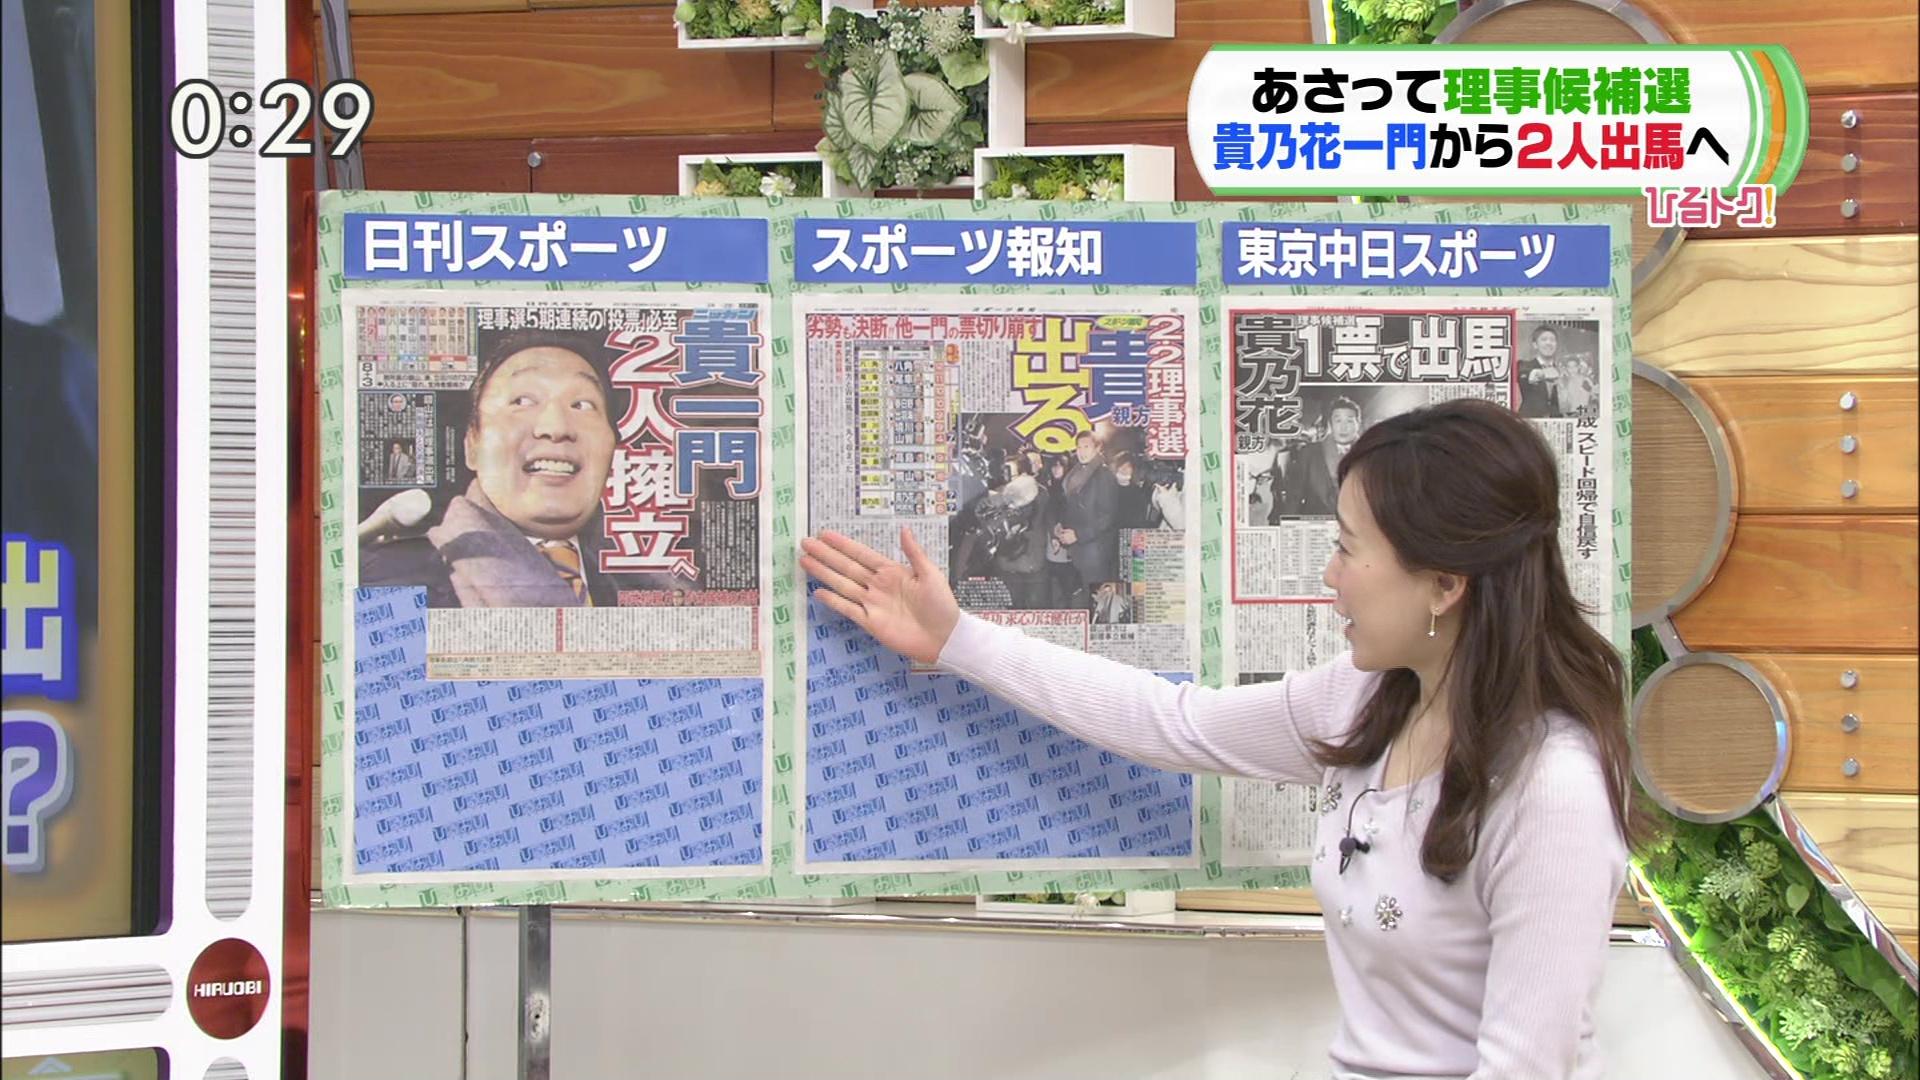 江藤愛アナ 銅メダル級おっぱい&指差しニット横乳セクシー画像